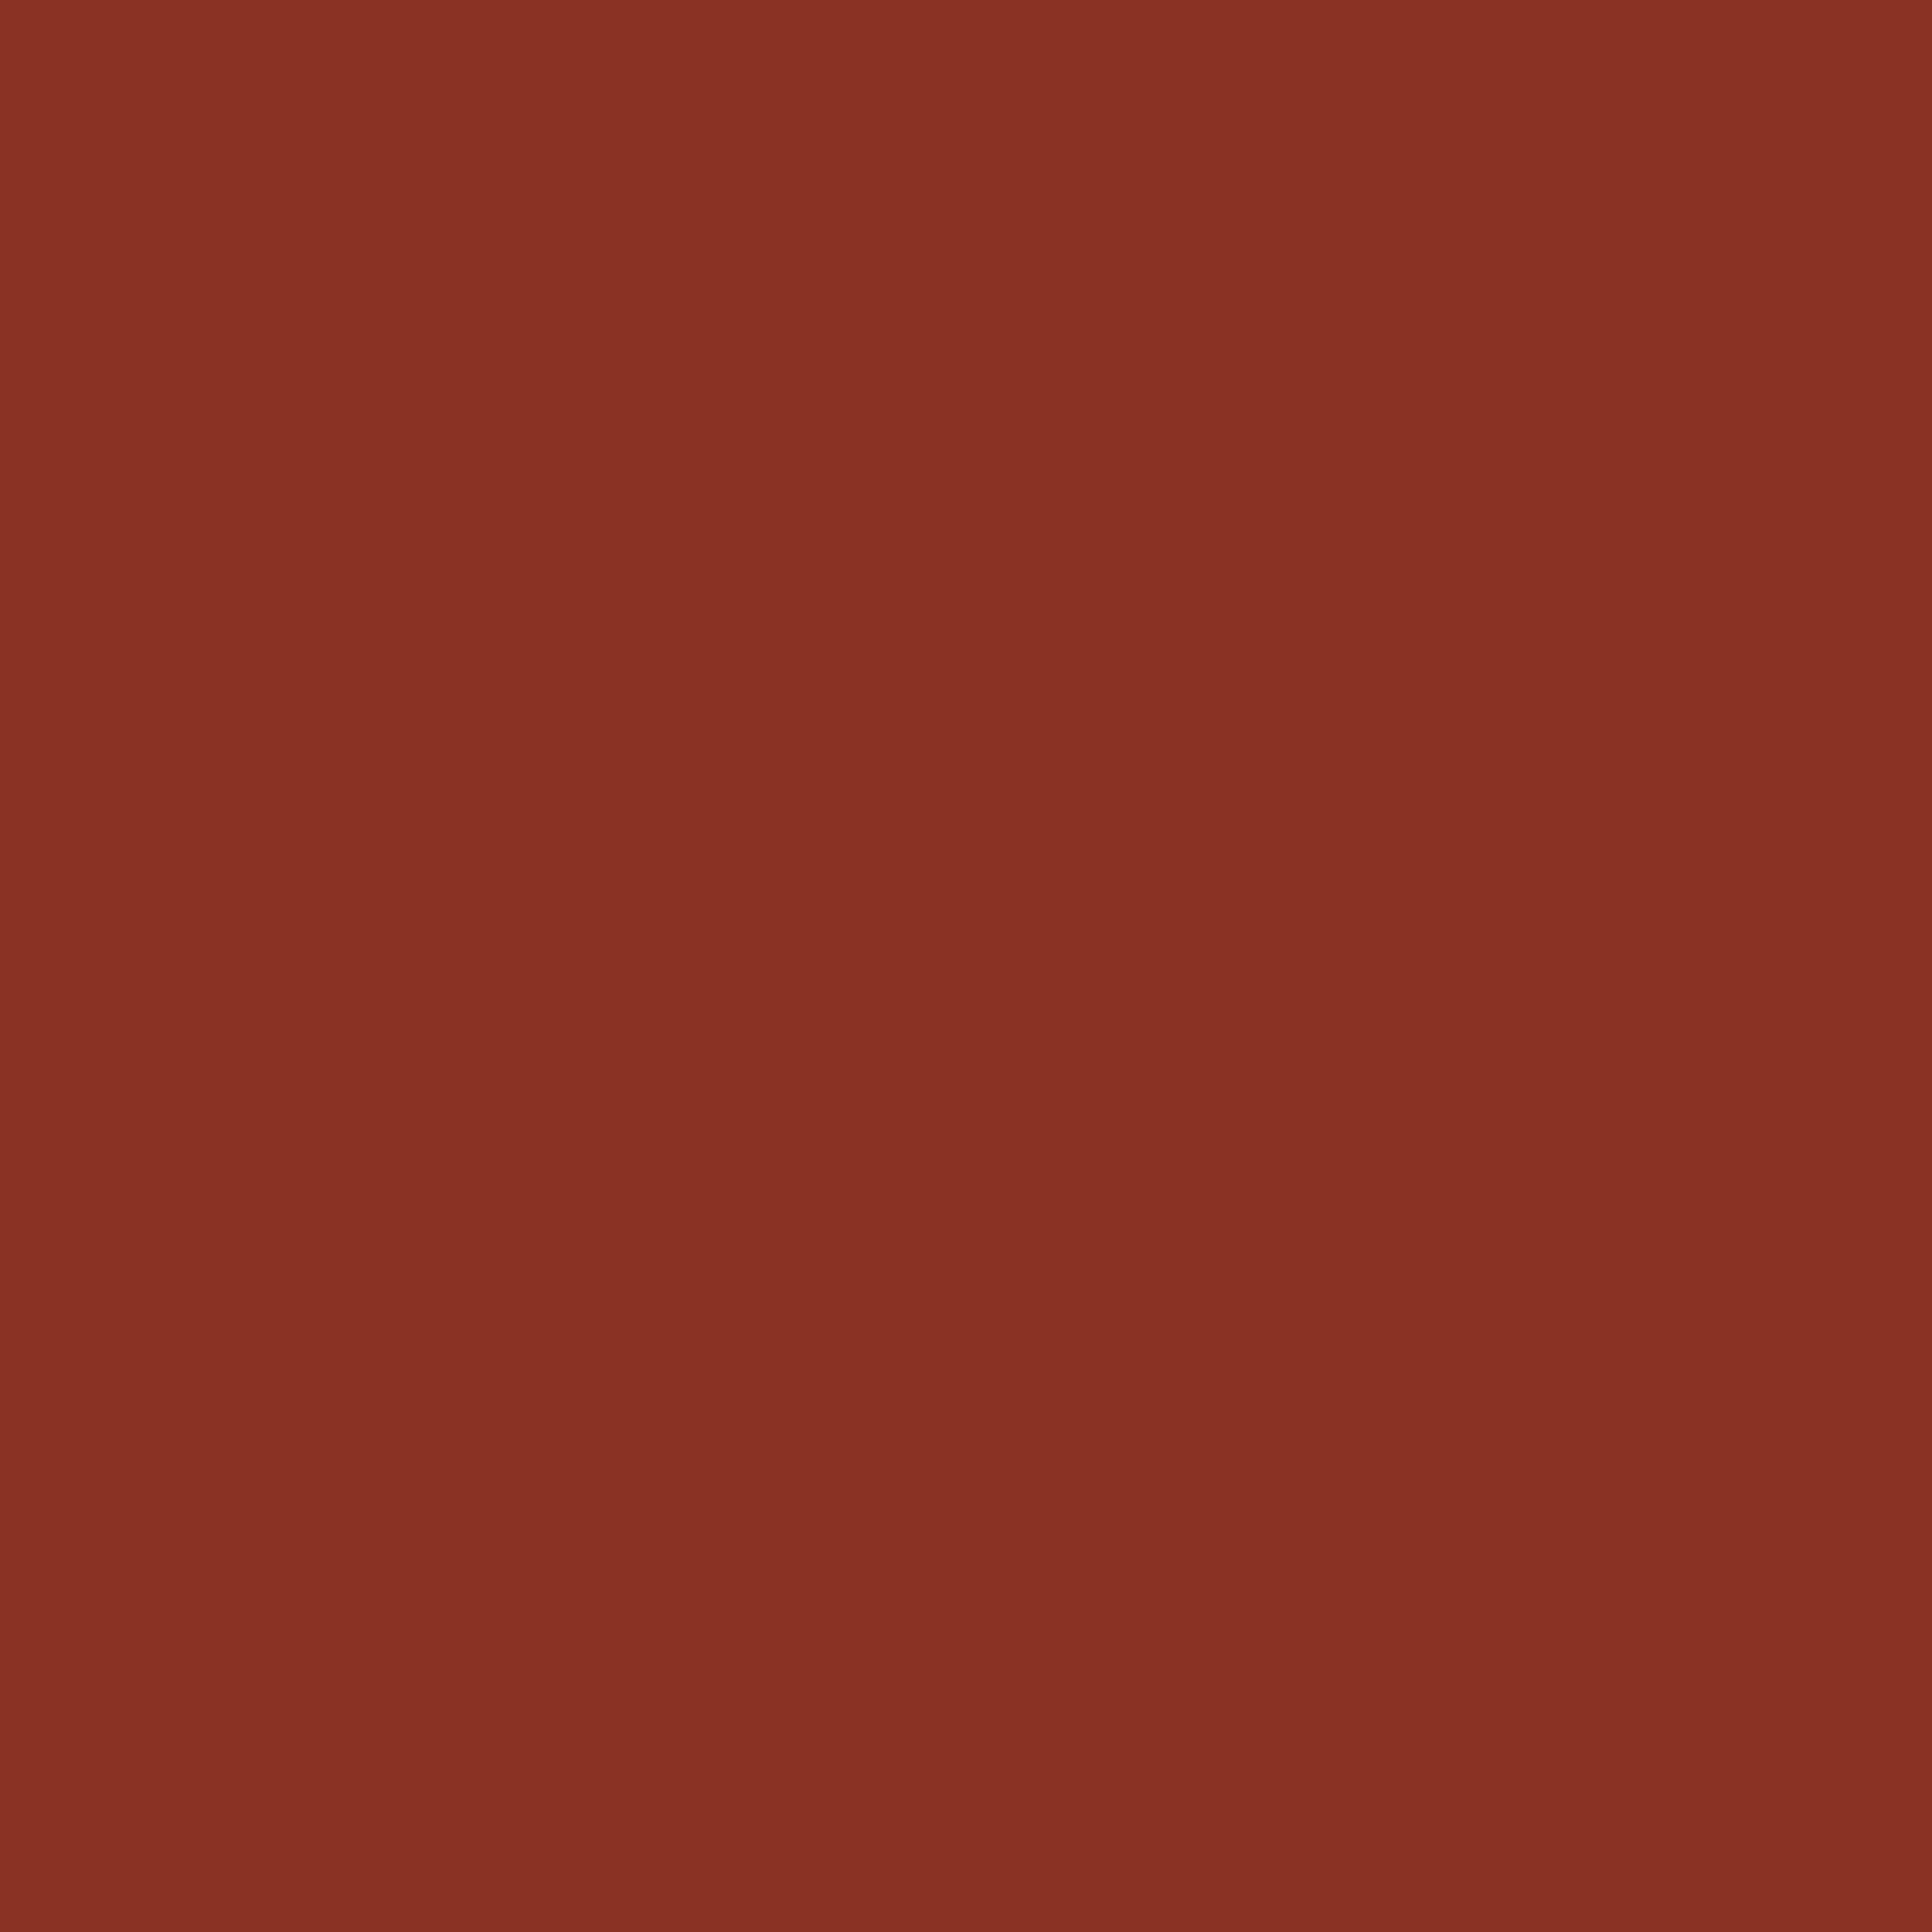 2048x2048 Burnt Umber Solid Color Background